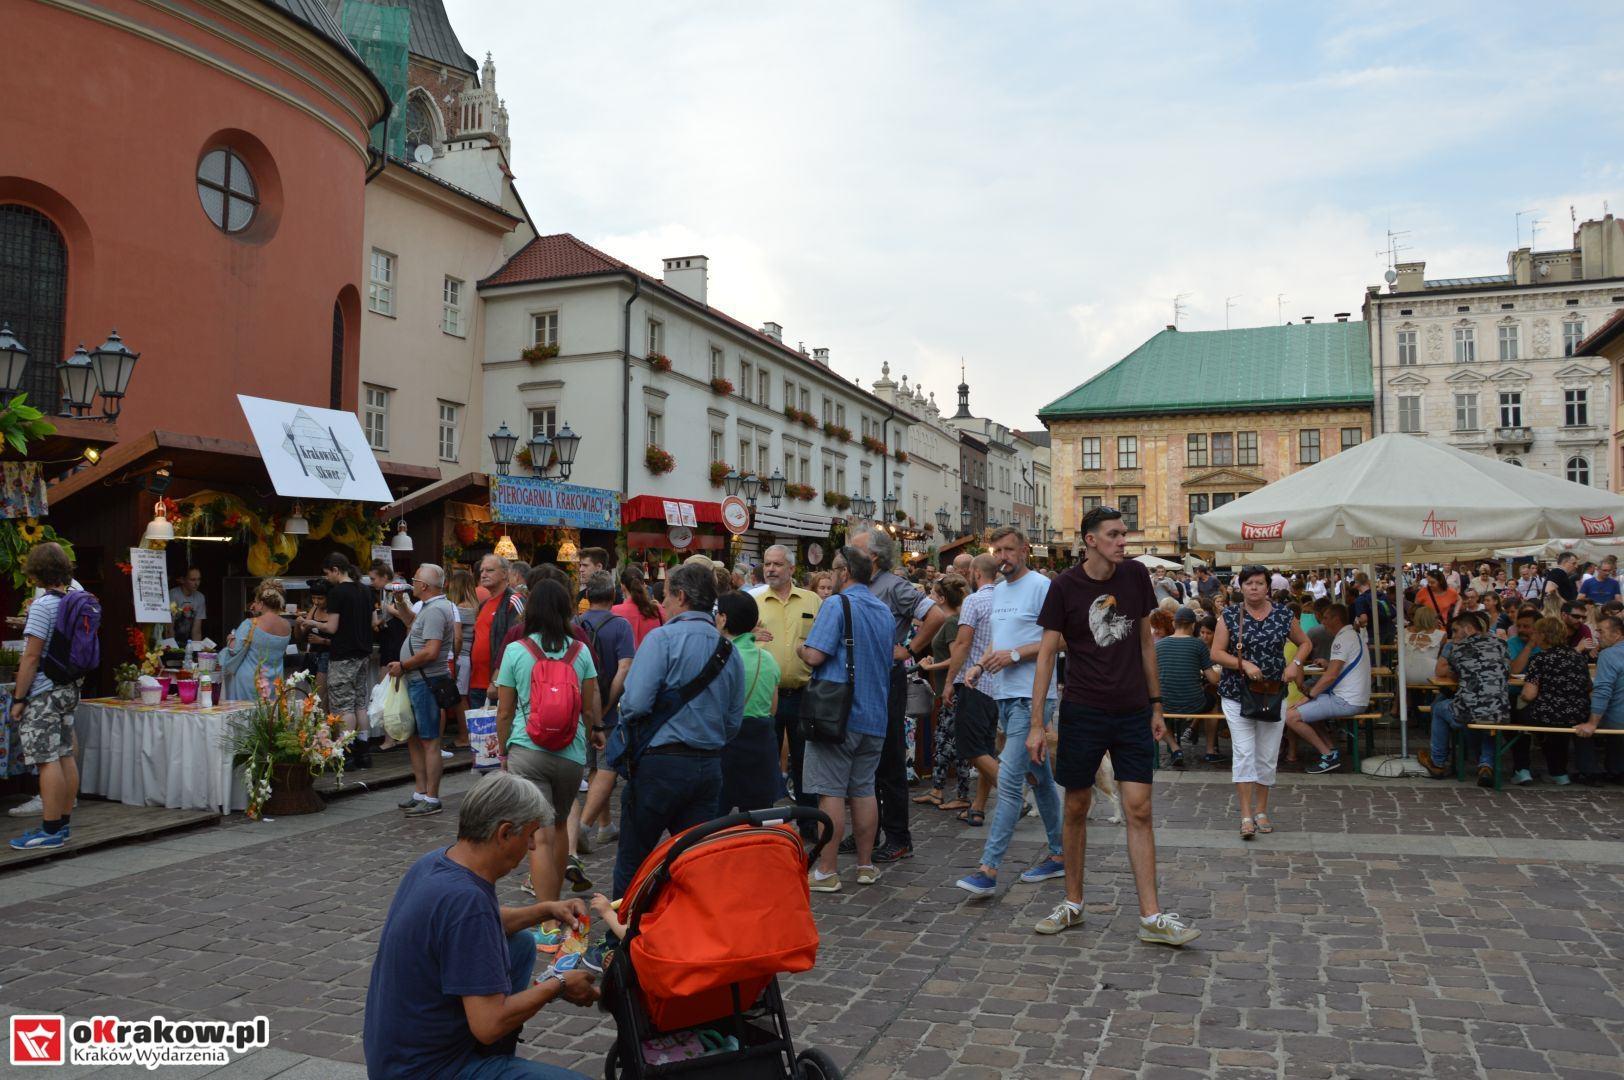 krakow festiwal pierogow maly rynek koncert cheap tobacco 2 150x150 - Galeria zdjęć Festiwal Pierogów Kraków 2018 + zdjęcia z koncertu Cheap Tobacco